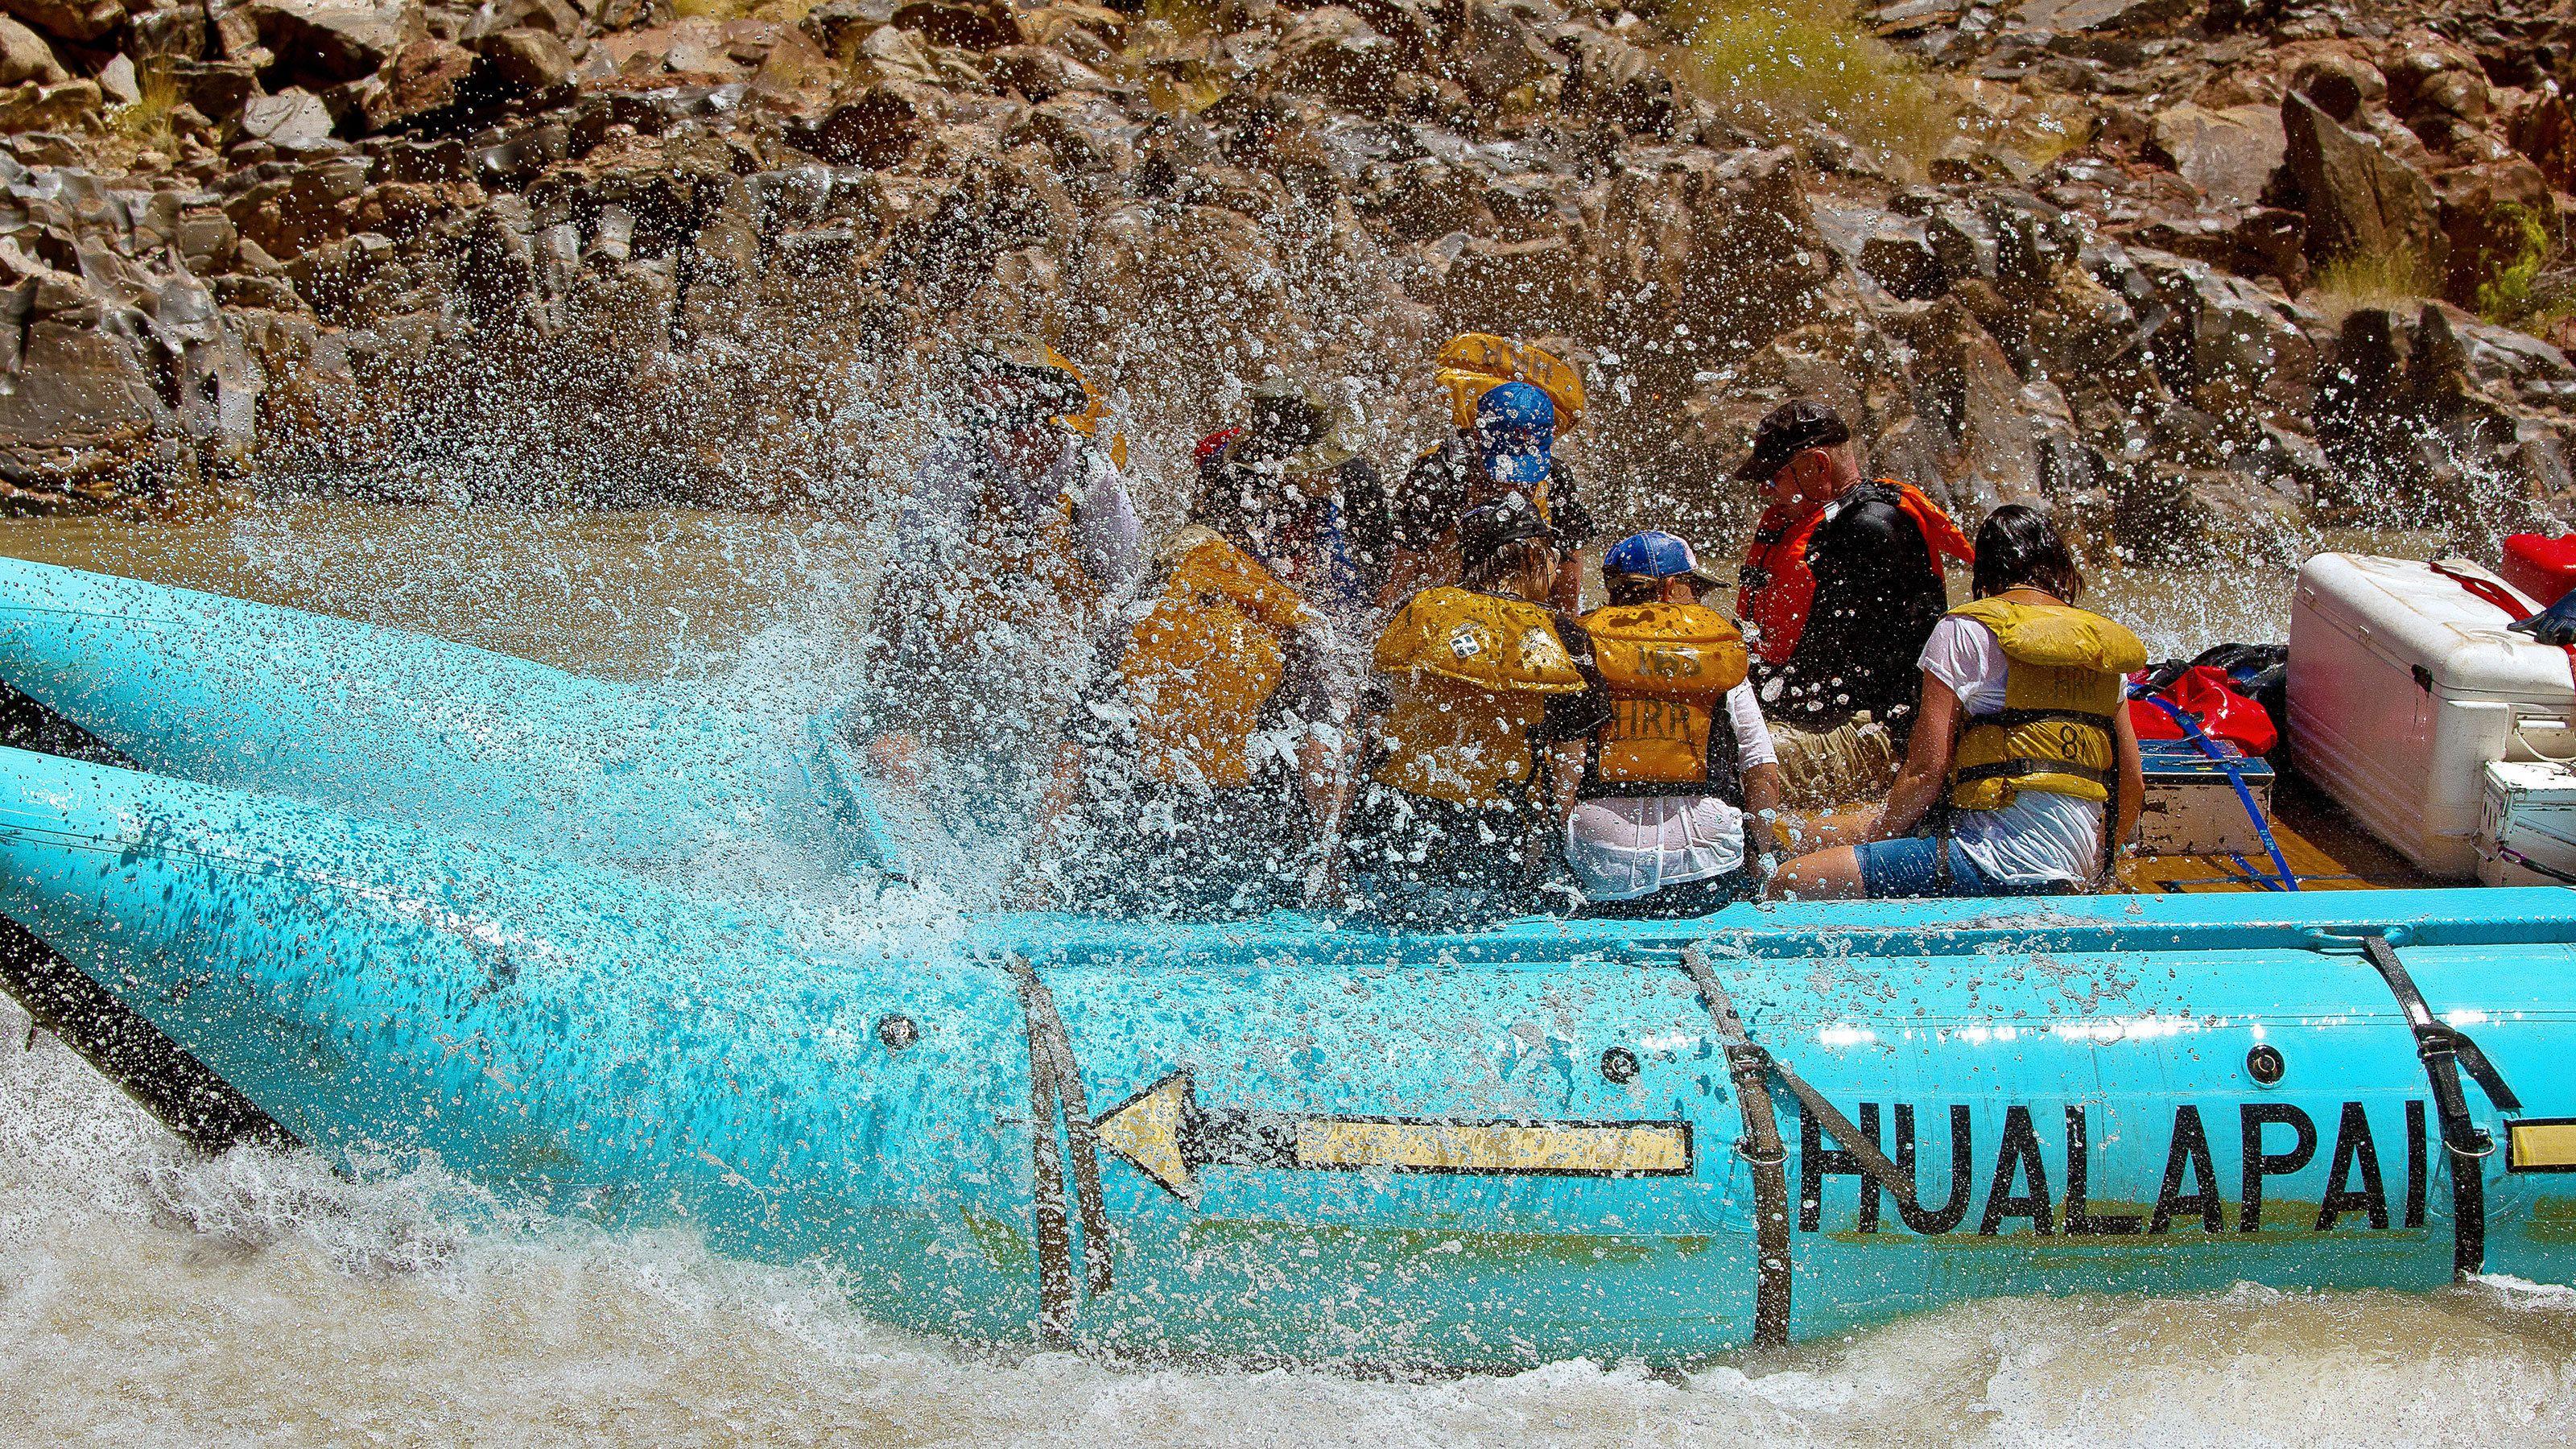 Grand River Rush Adventure - Whitewater Rafting